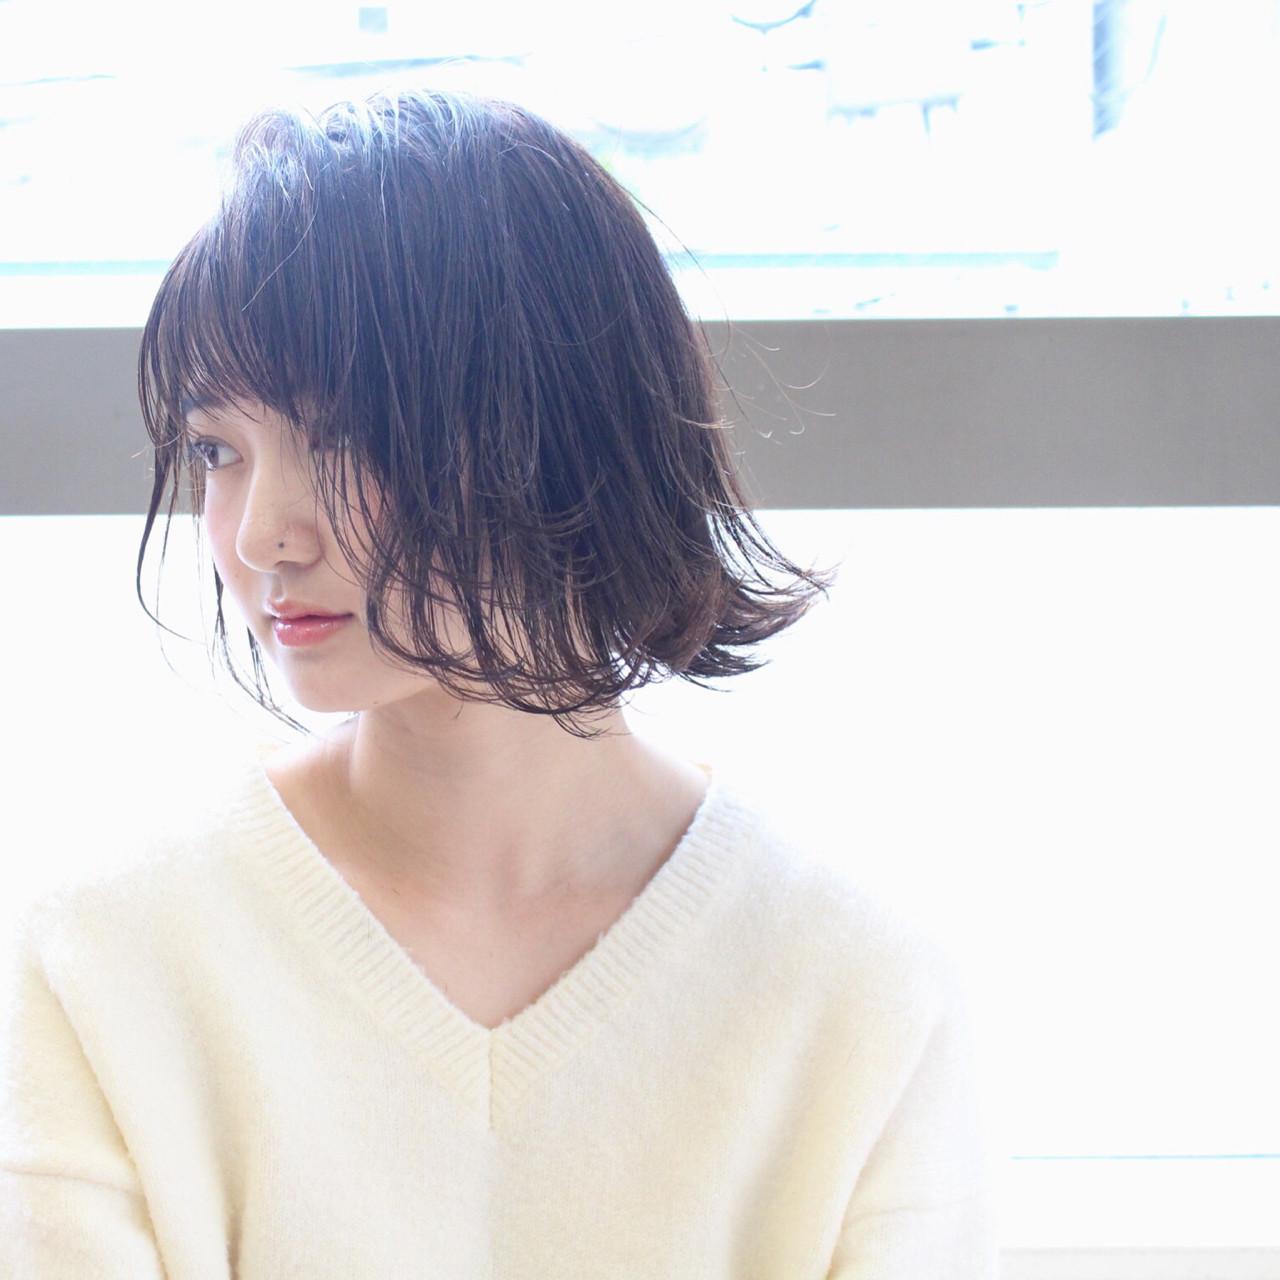 髪形&目的別♡おすすめスタイリング剤ランキングまとめ 佐々木俊介